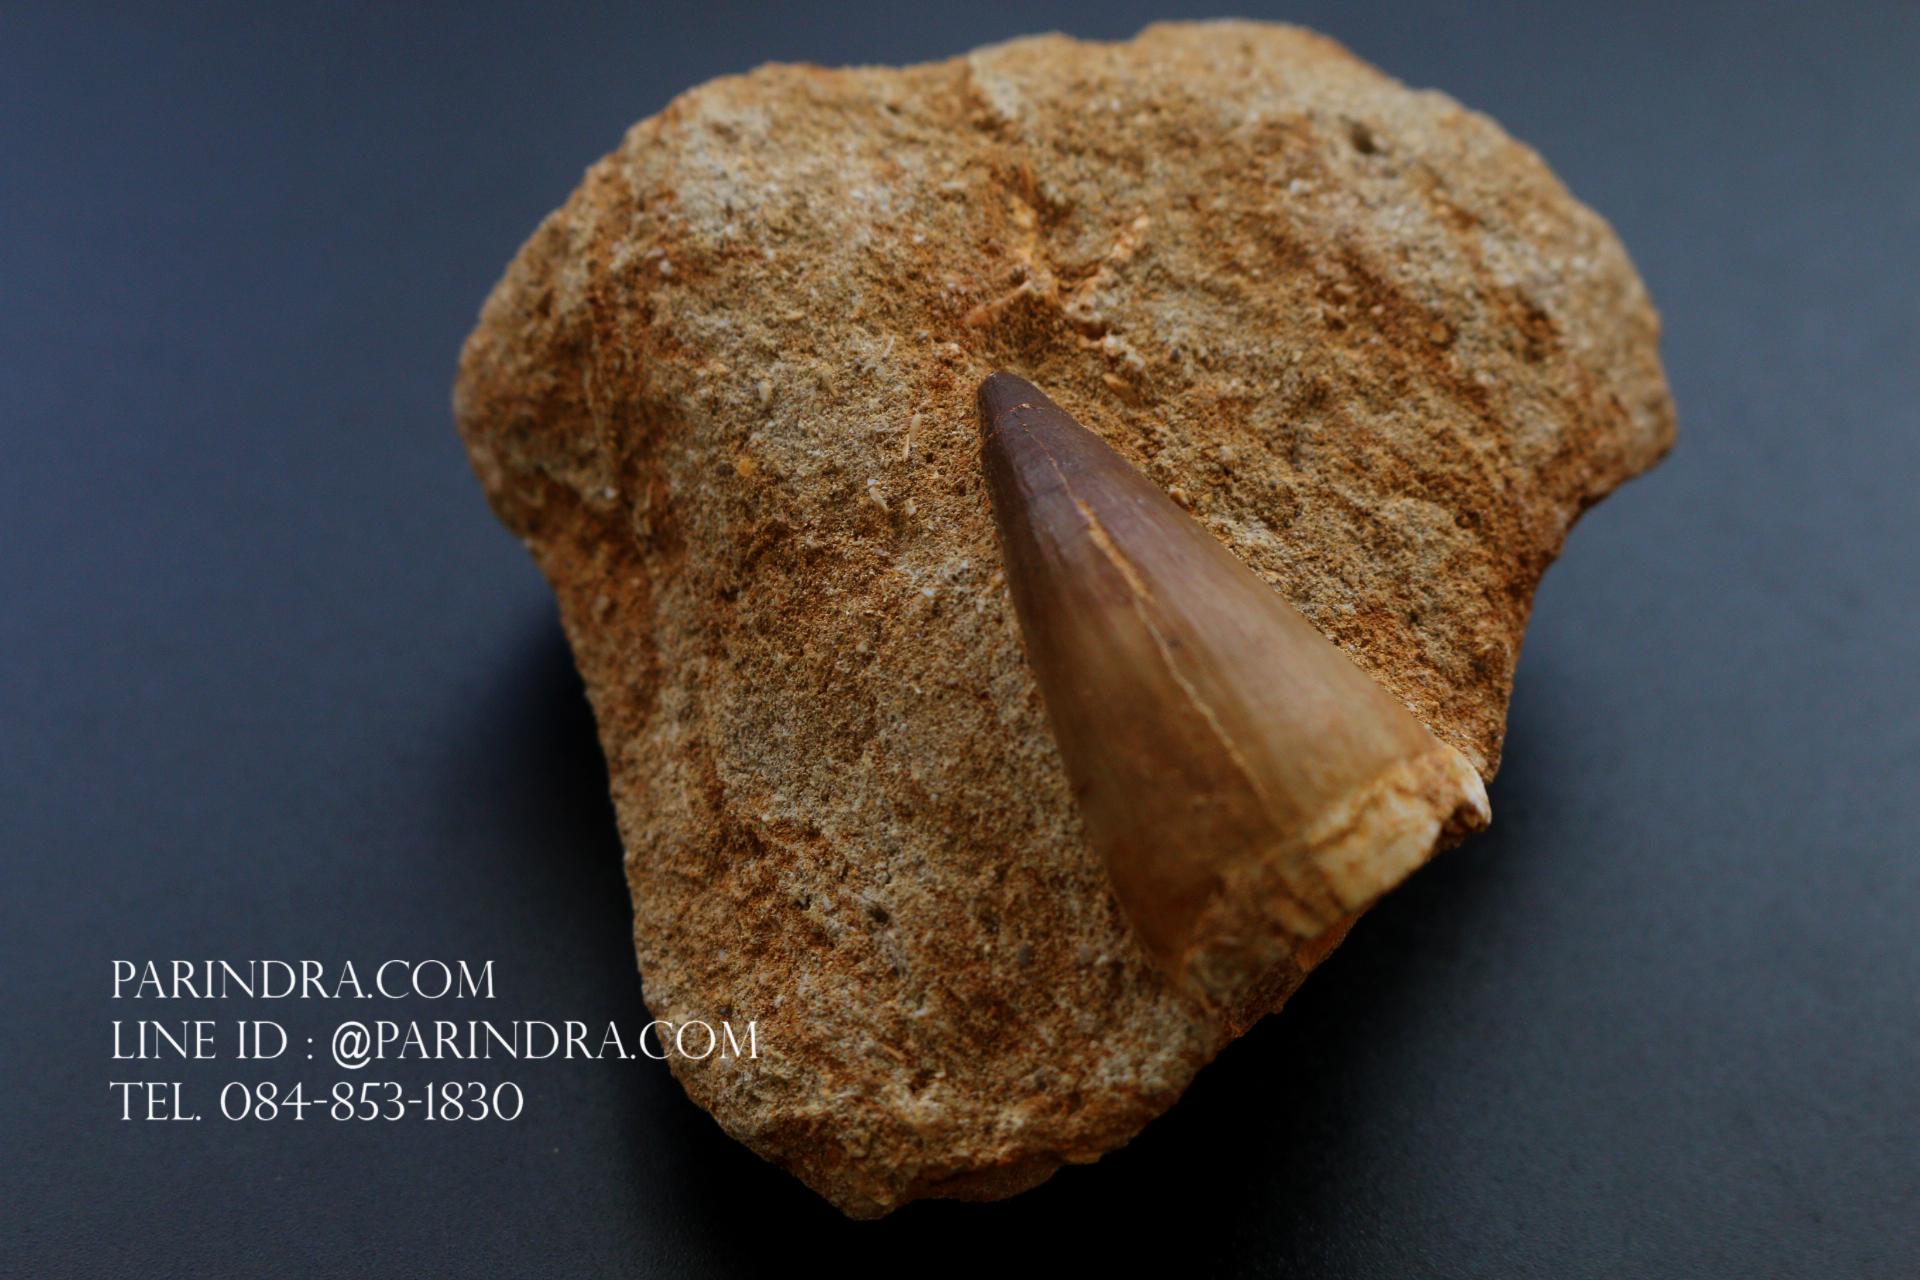 ฟันมีโซซอร์ Mosasaurus Tooth บน Matrix - Khourigba, Morocco #MSS000